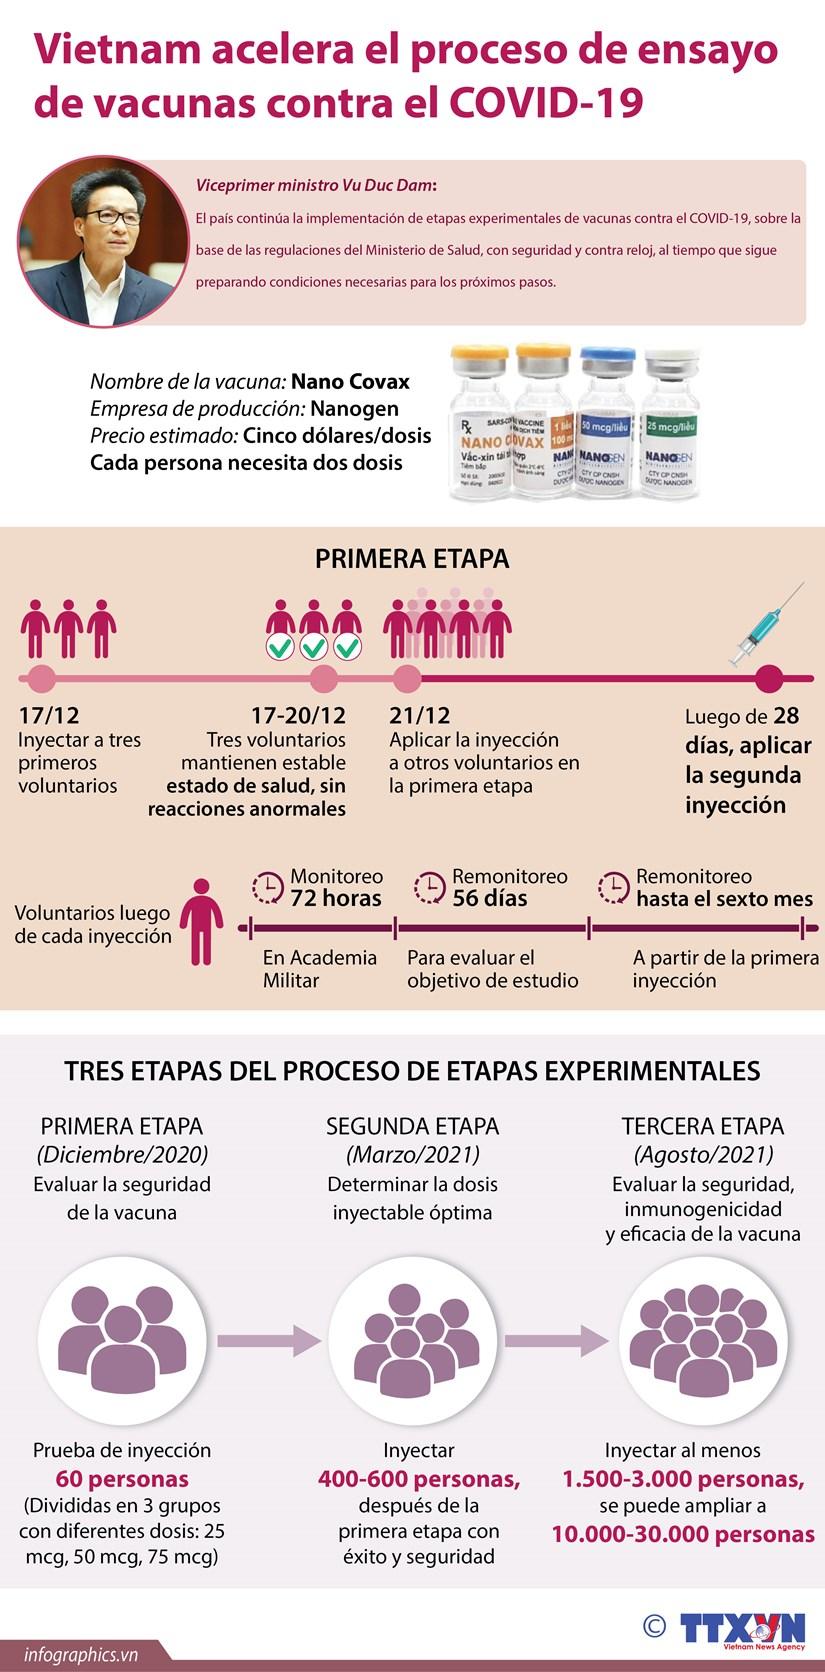 Vietnam acelera el proceso de ensayo de vacunas contra el COVID-19 hinh anh 1